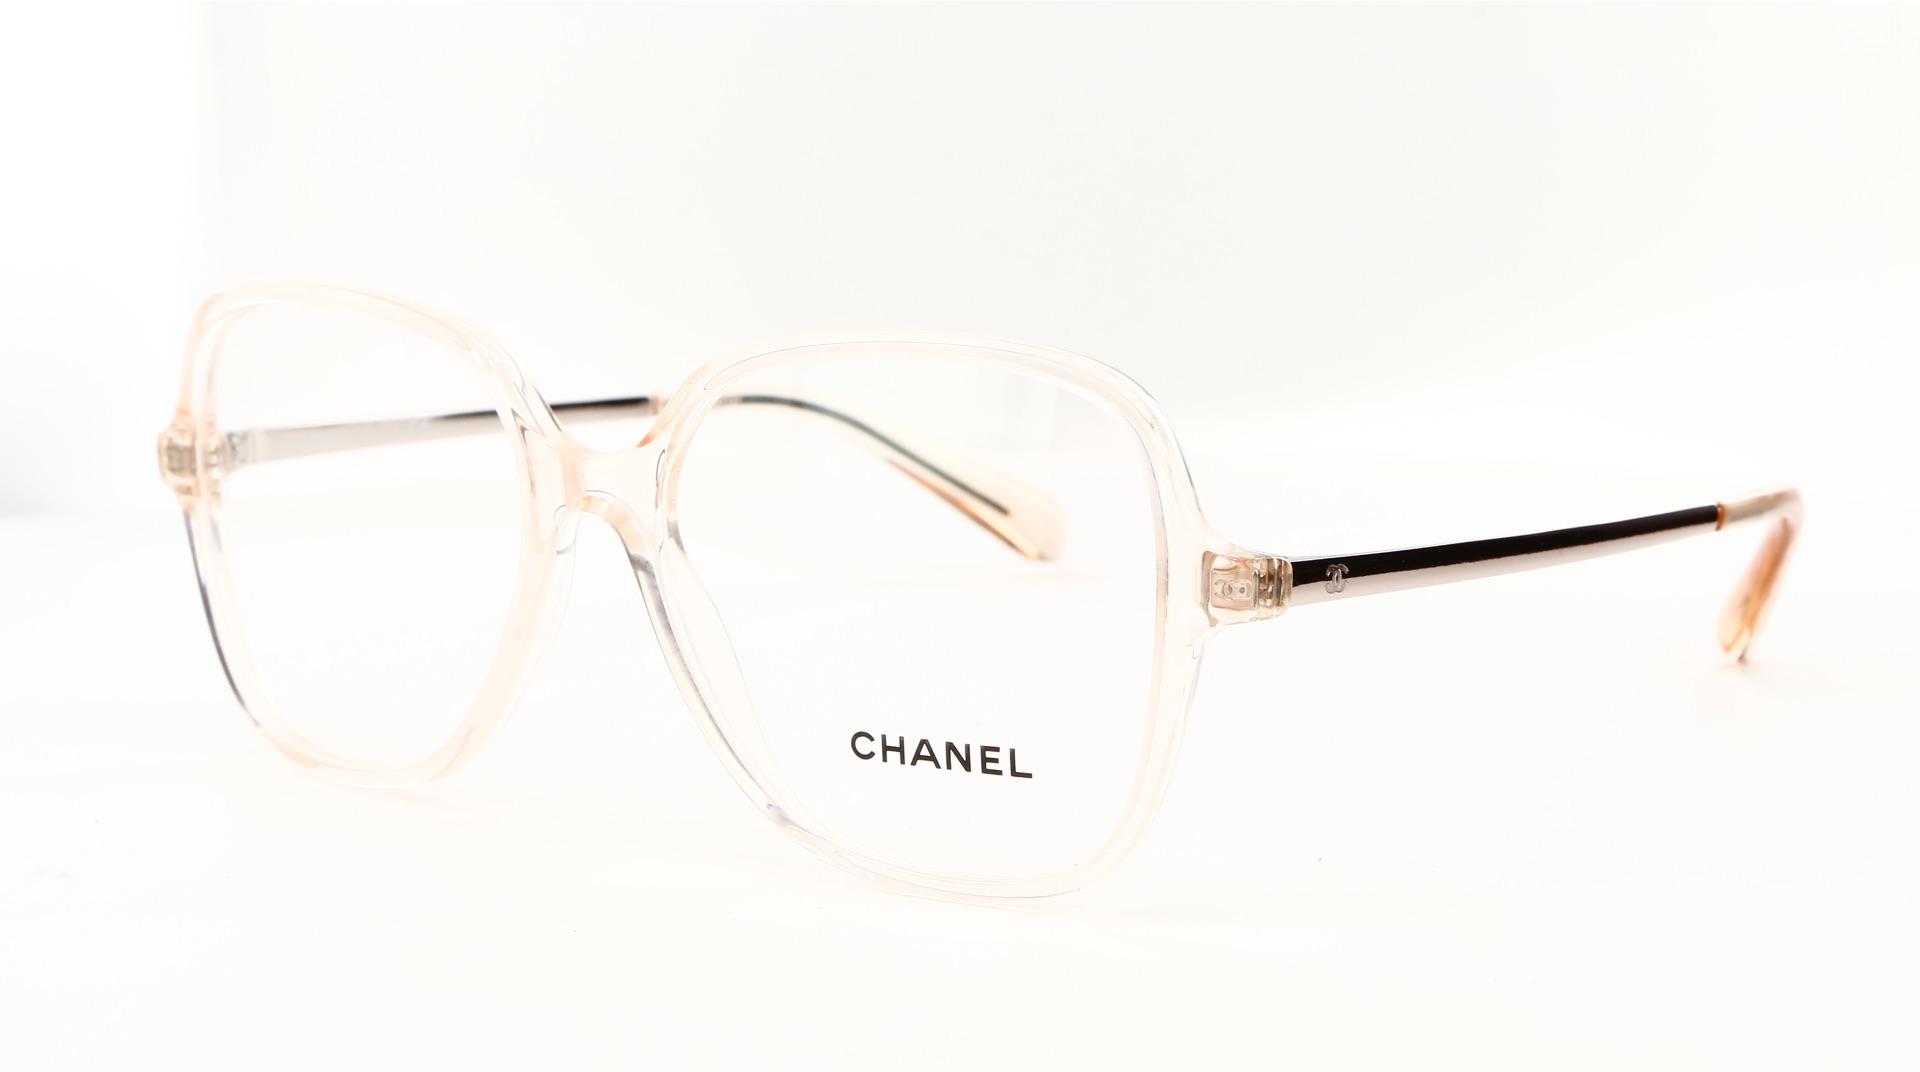 Chanel - ref: 80692